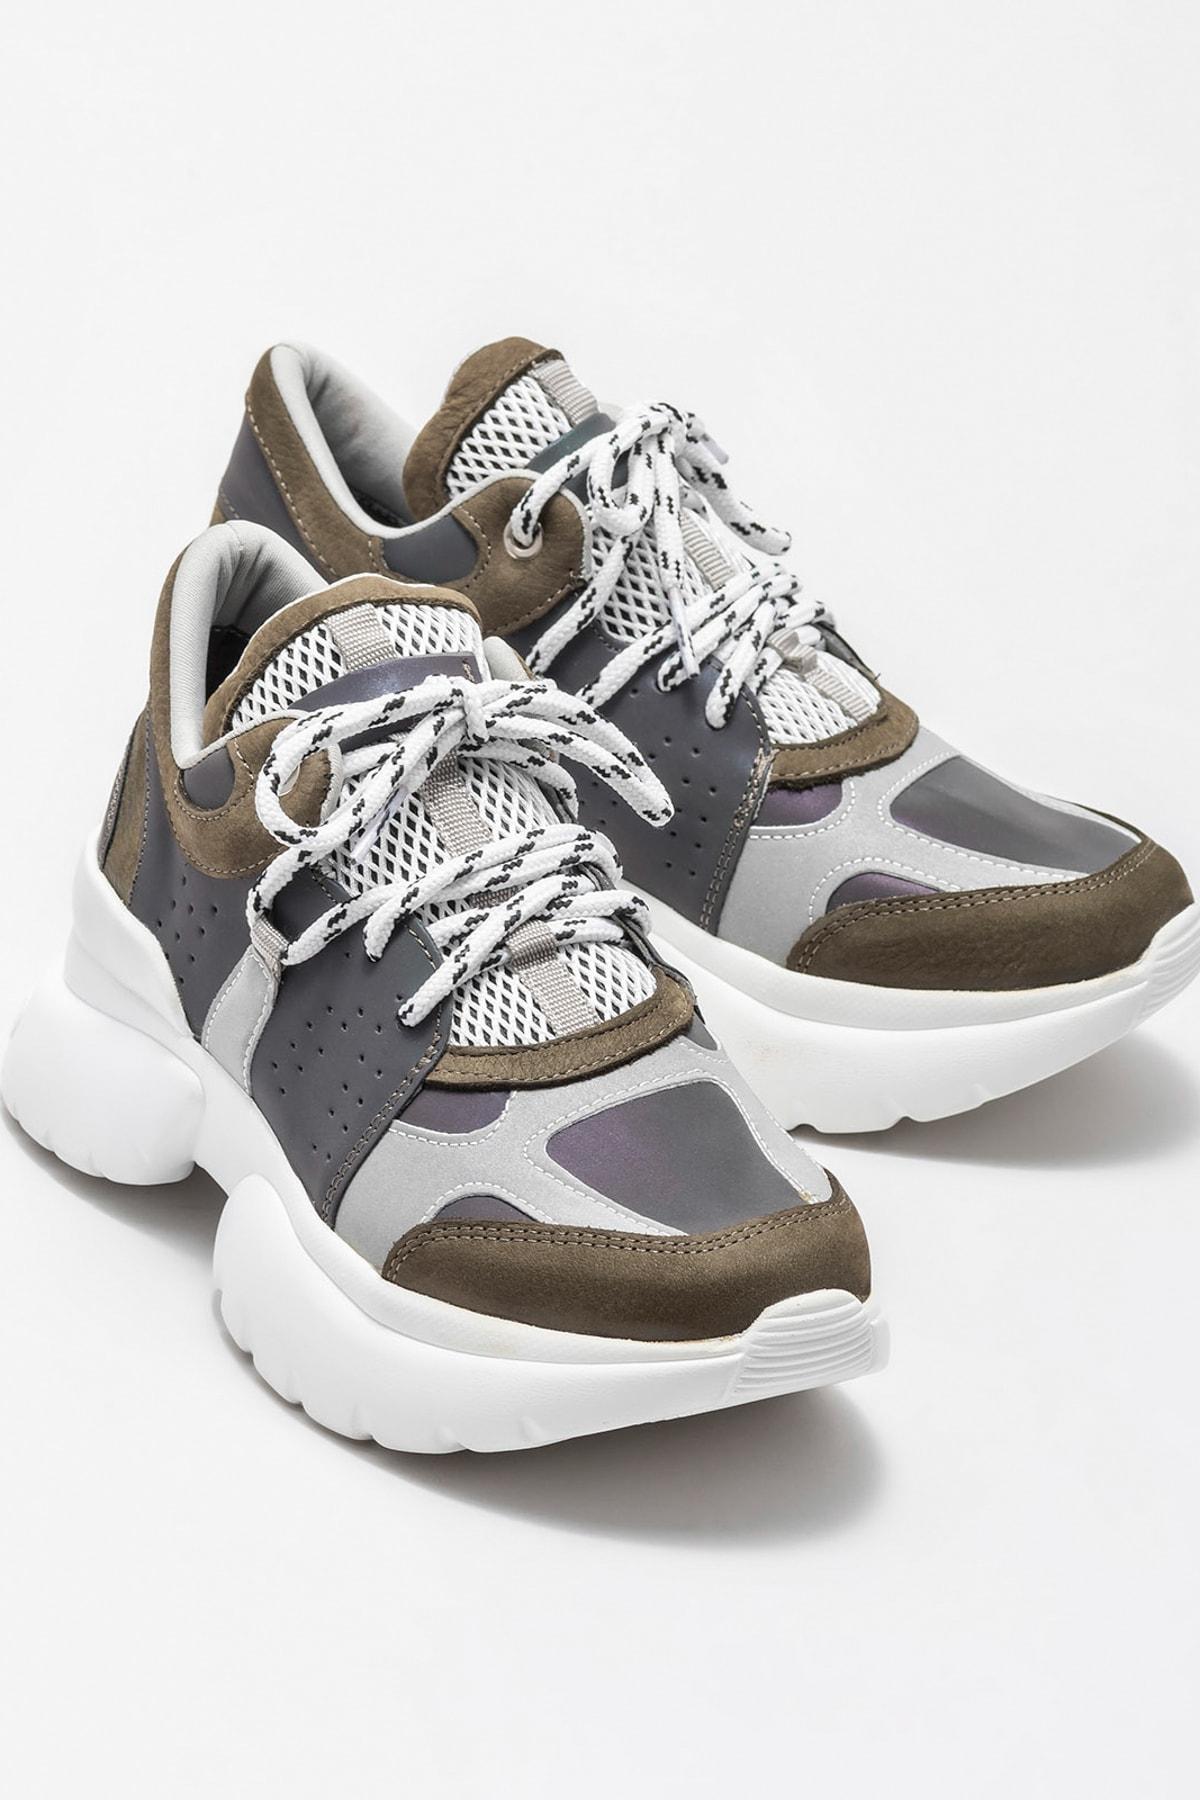 Elle Shoes TIFFANI Yeşil Kadın Ayakkabı 2